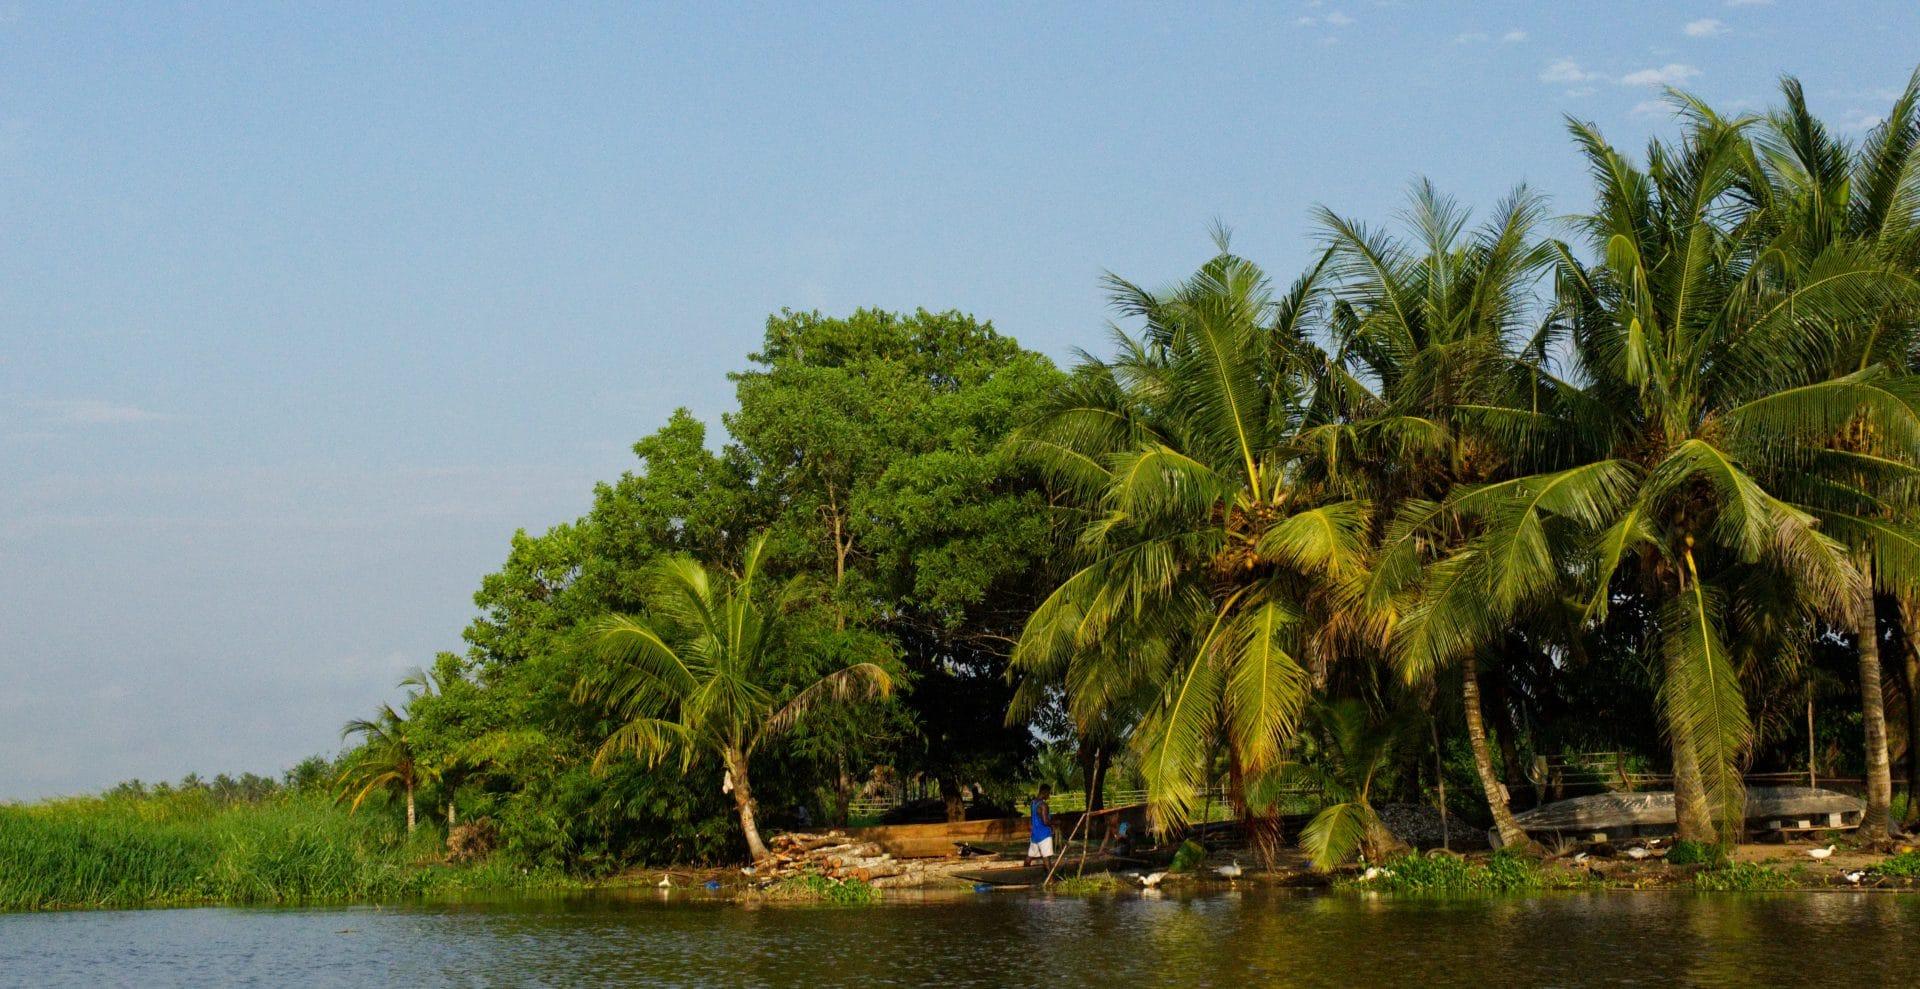 lagune de bassam en Côte d'Ivoire